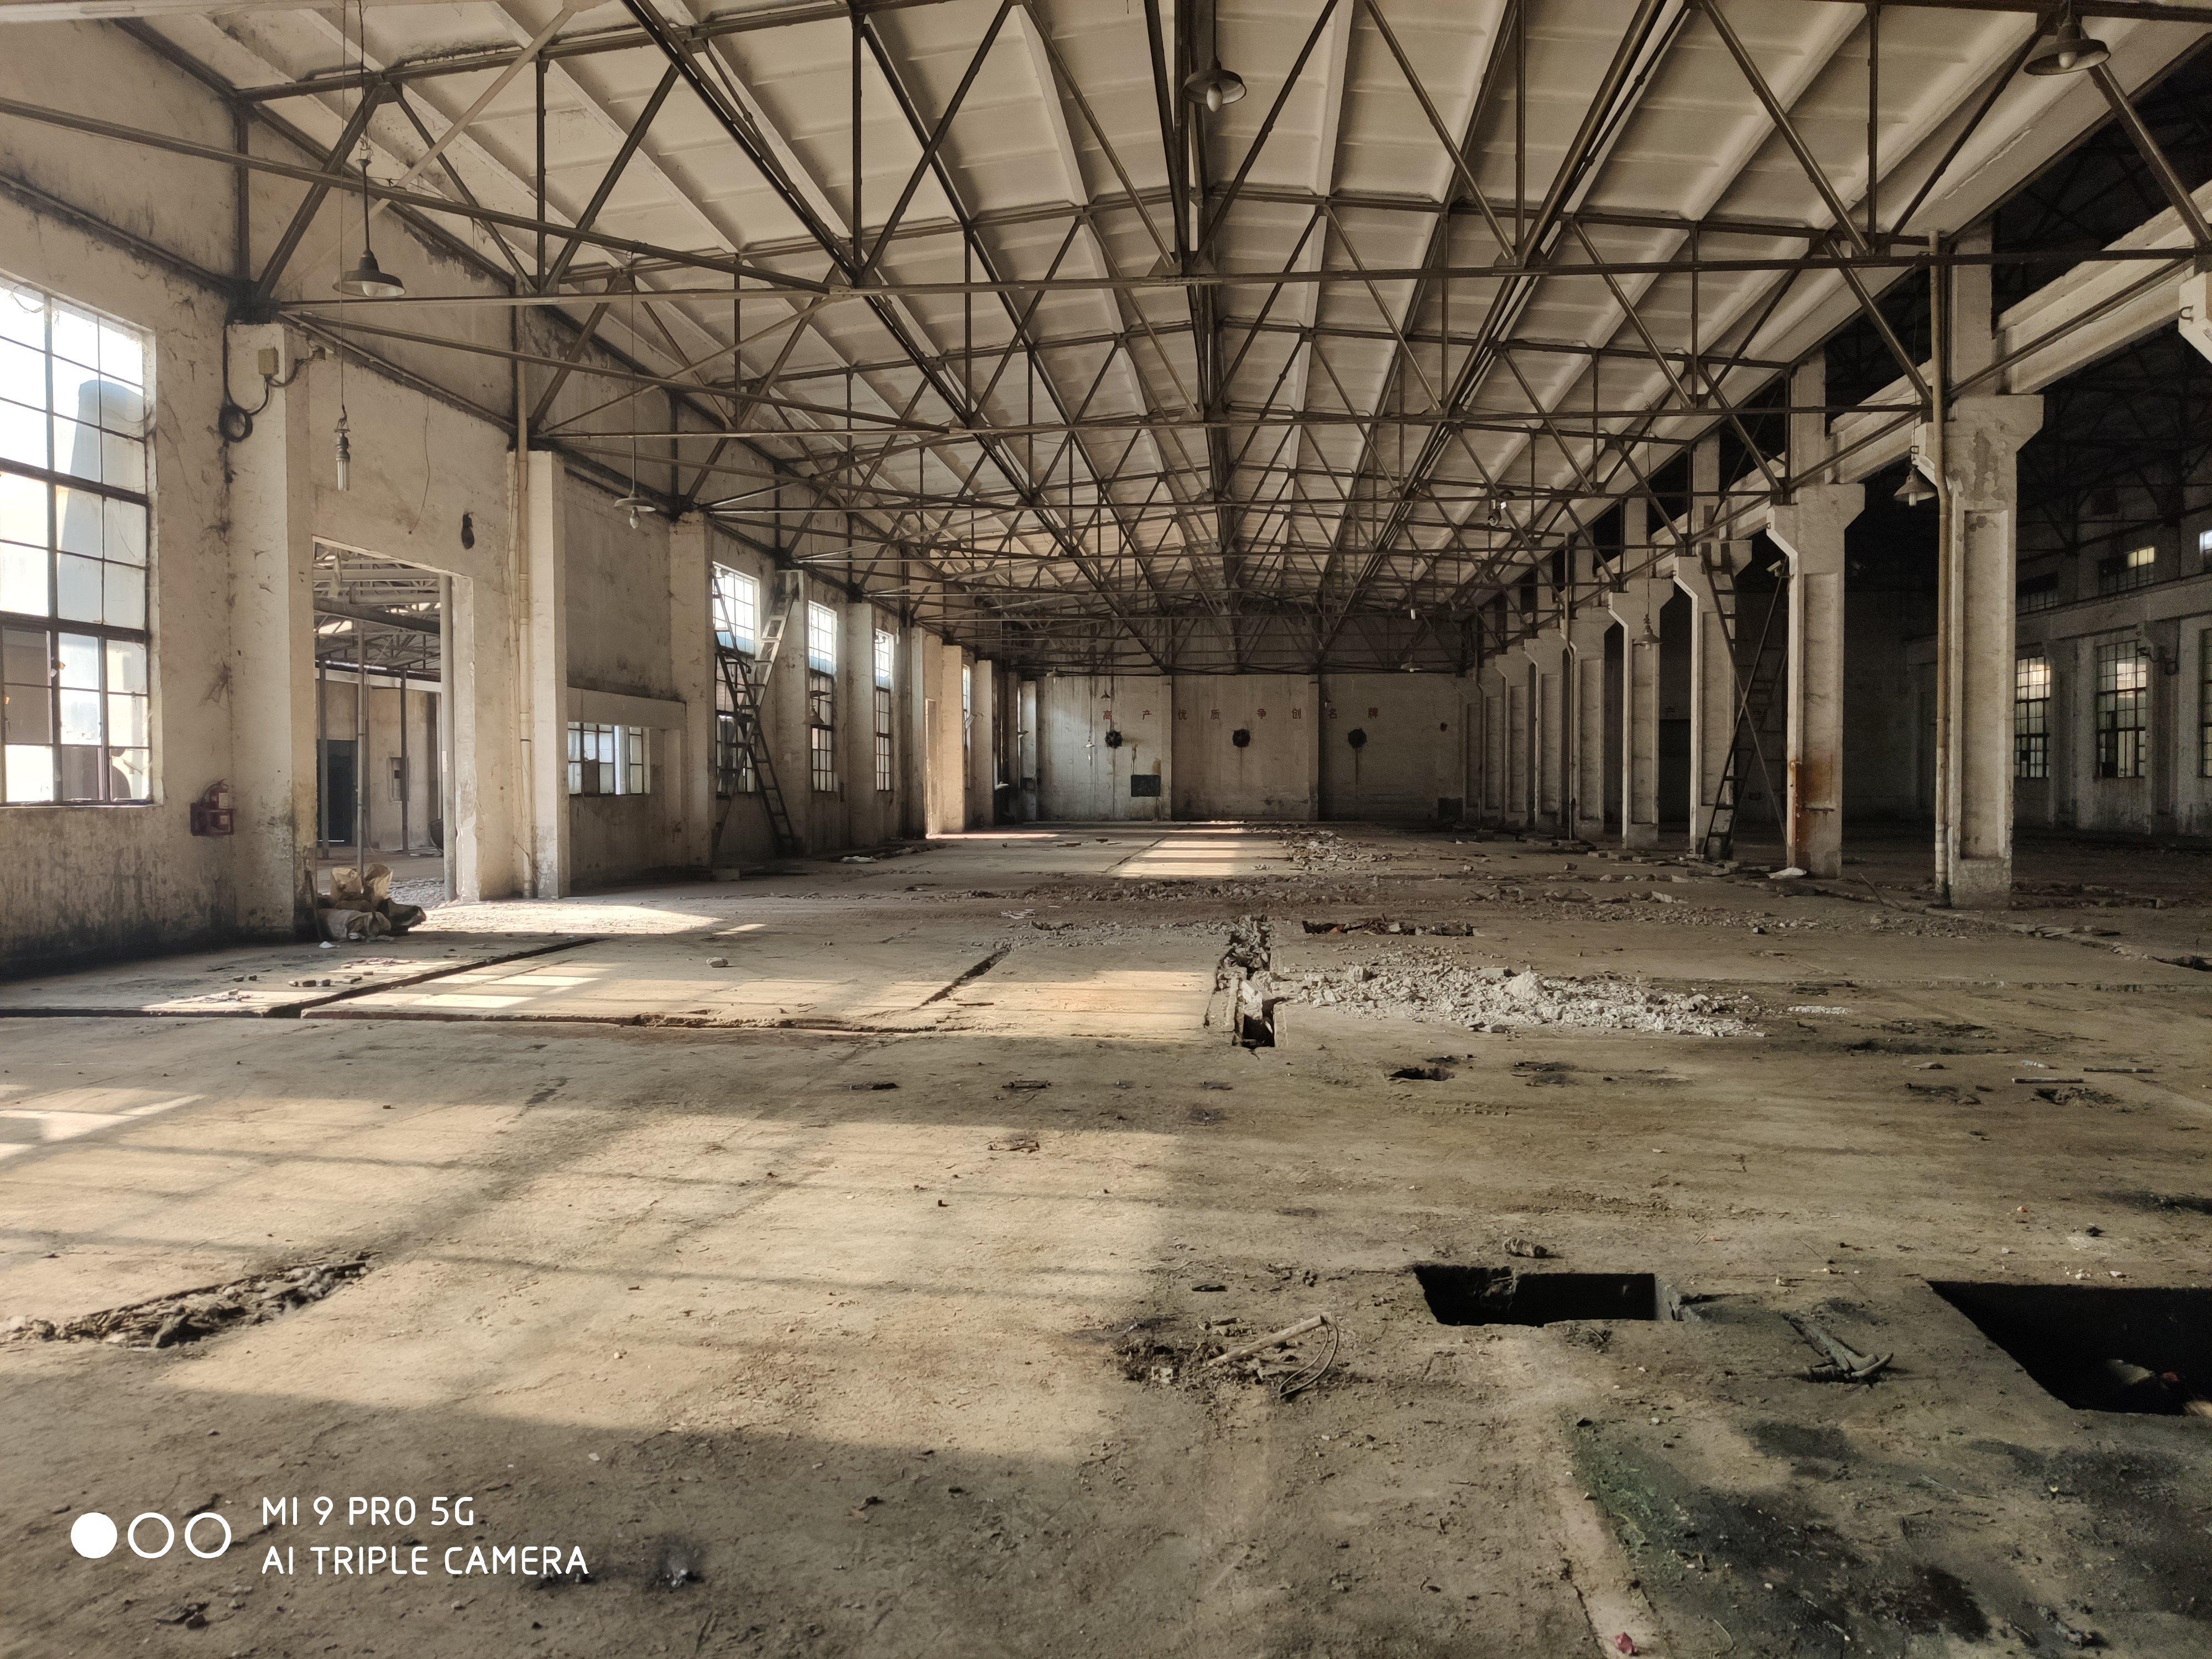 盘龙城钢构一楼3800平米可分租,高9米,羽毛球,蓝球均可-图2